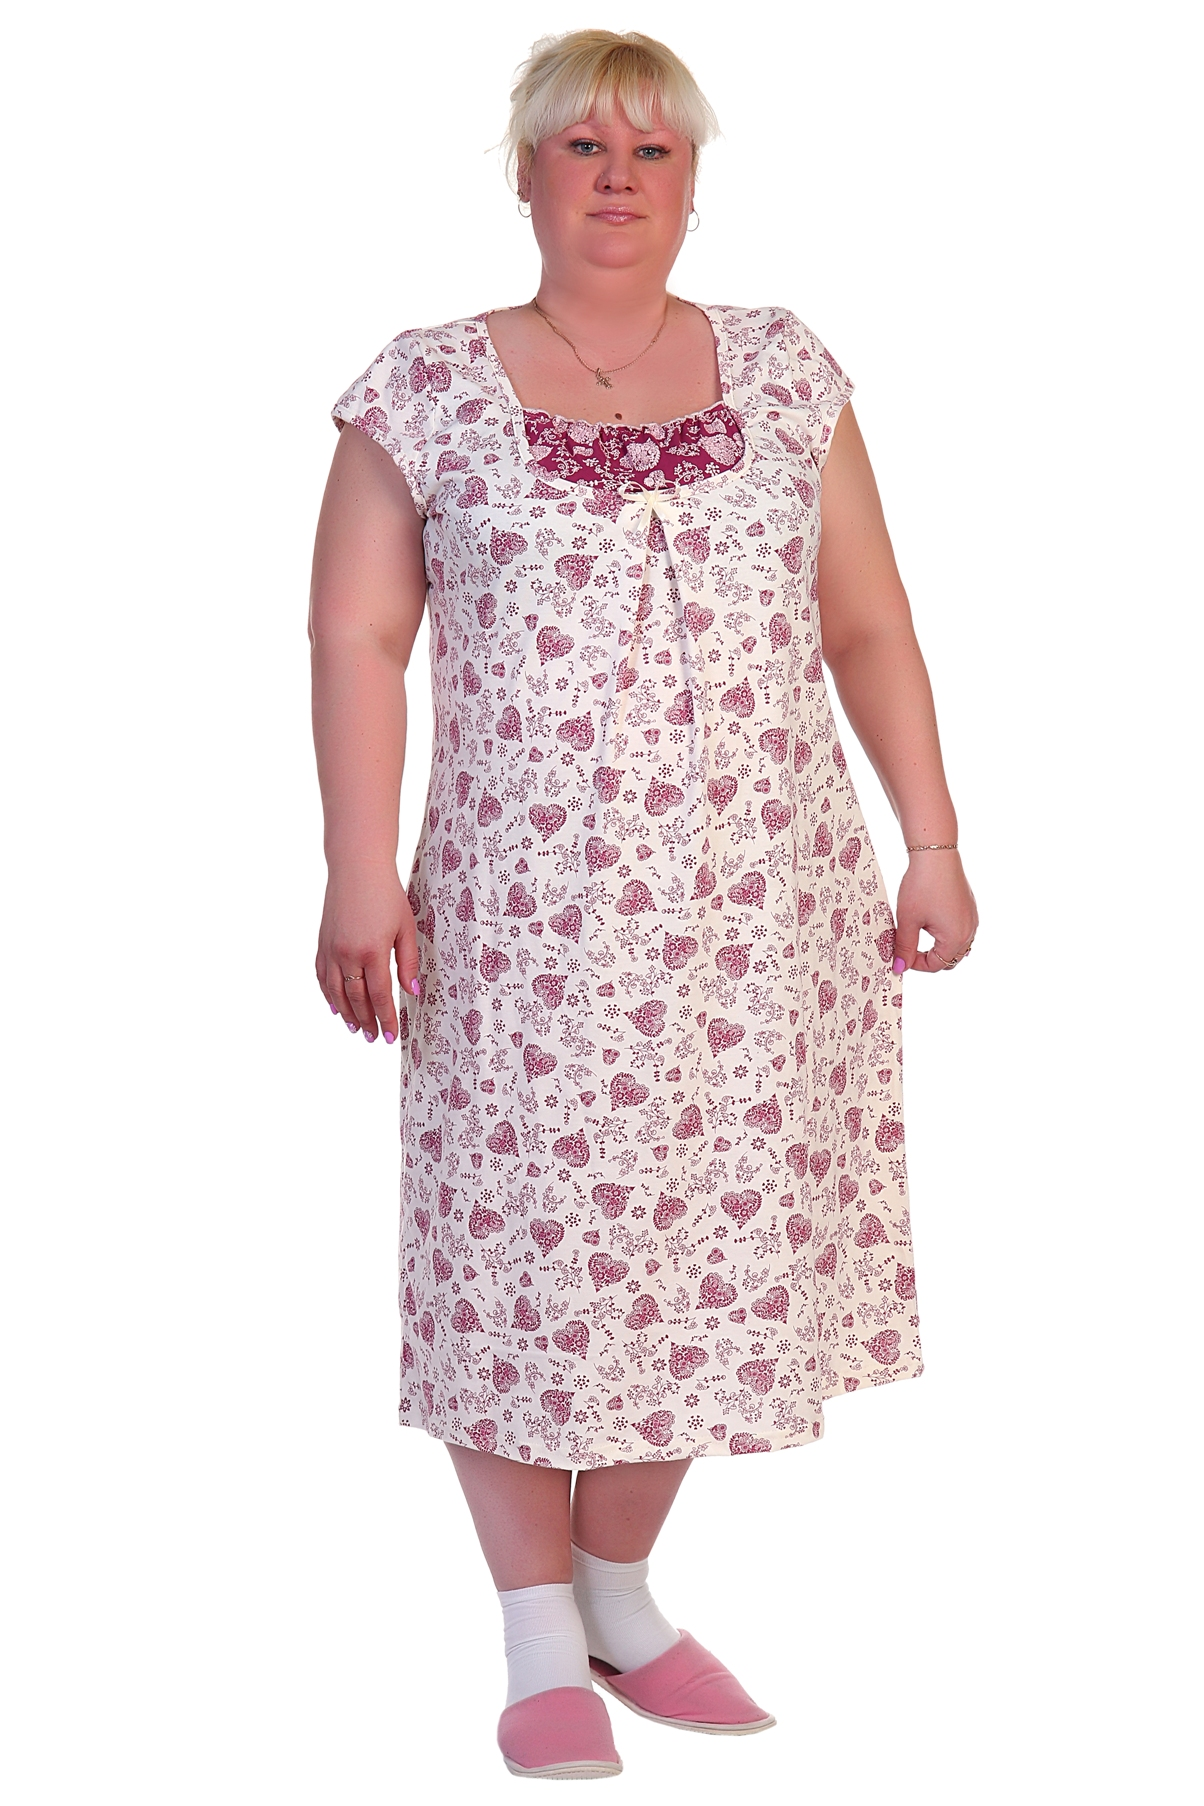 Жен. сорочка арт. 16-0288 р. 68Ночные сорочки<br>Факт. ОГ: 140 см <br>Факт. ОТ: 144 см <br>Факт. ОБ: 158 см <br>Длина по спинке: 119 см<br><br>Тип: Жен. сорочка<br>Размер: 68<br>Материал: Кулирка